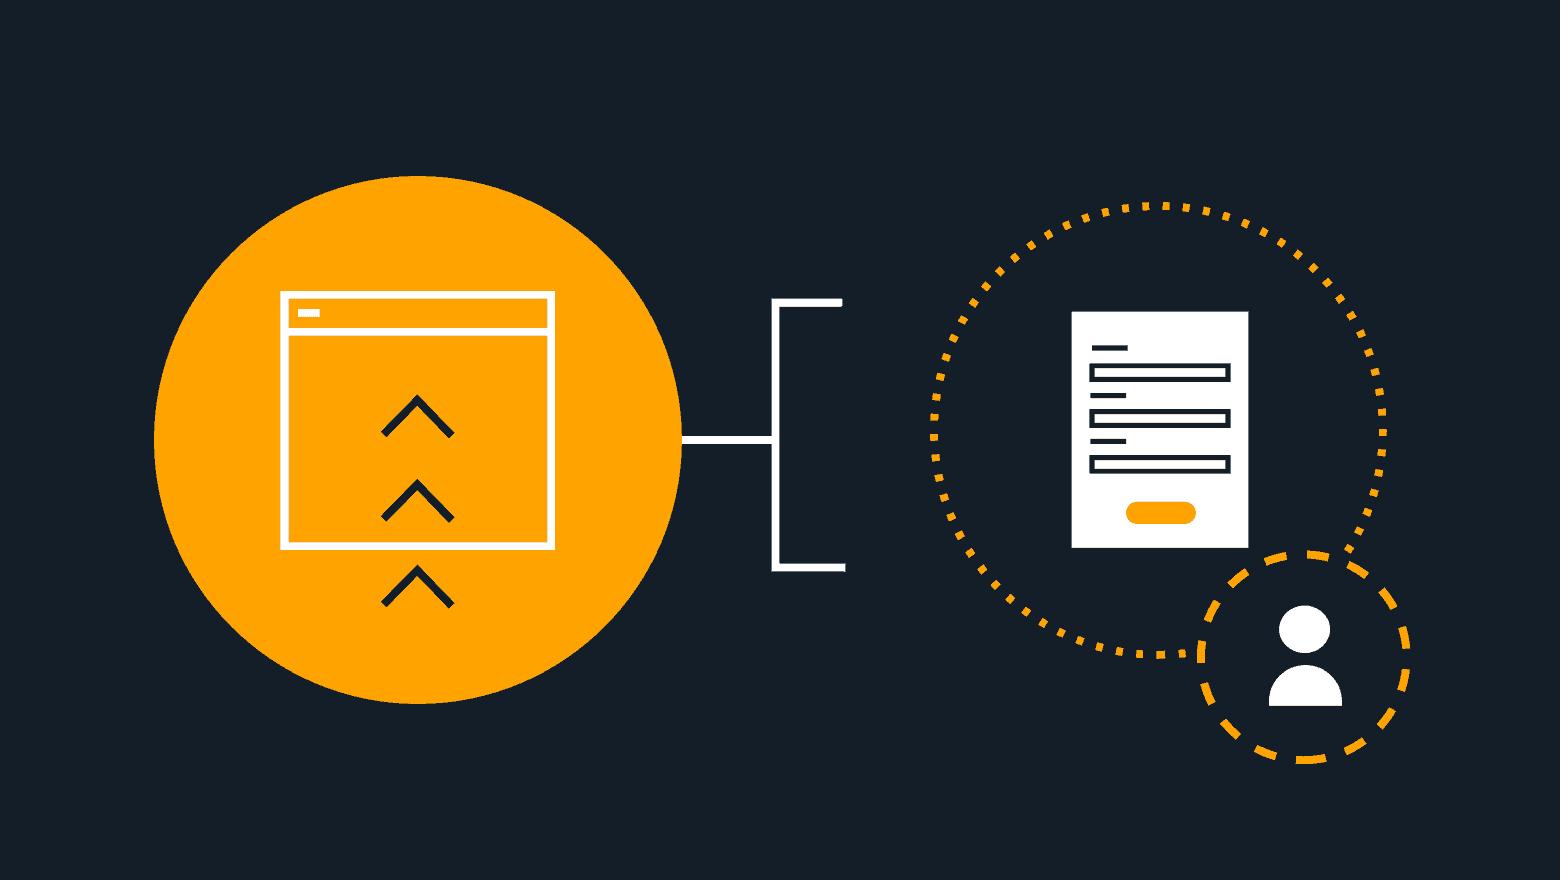 conversion web design icon